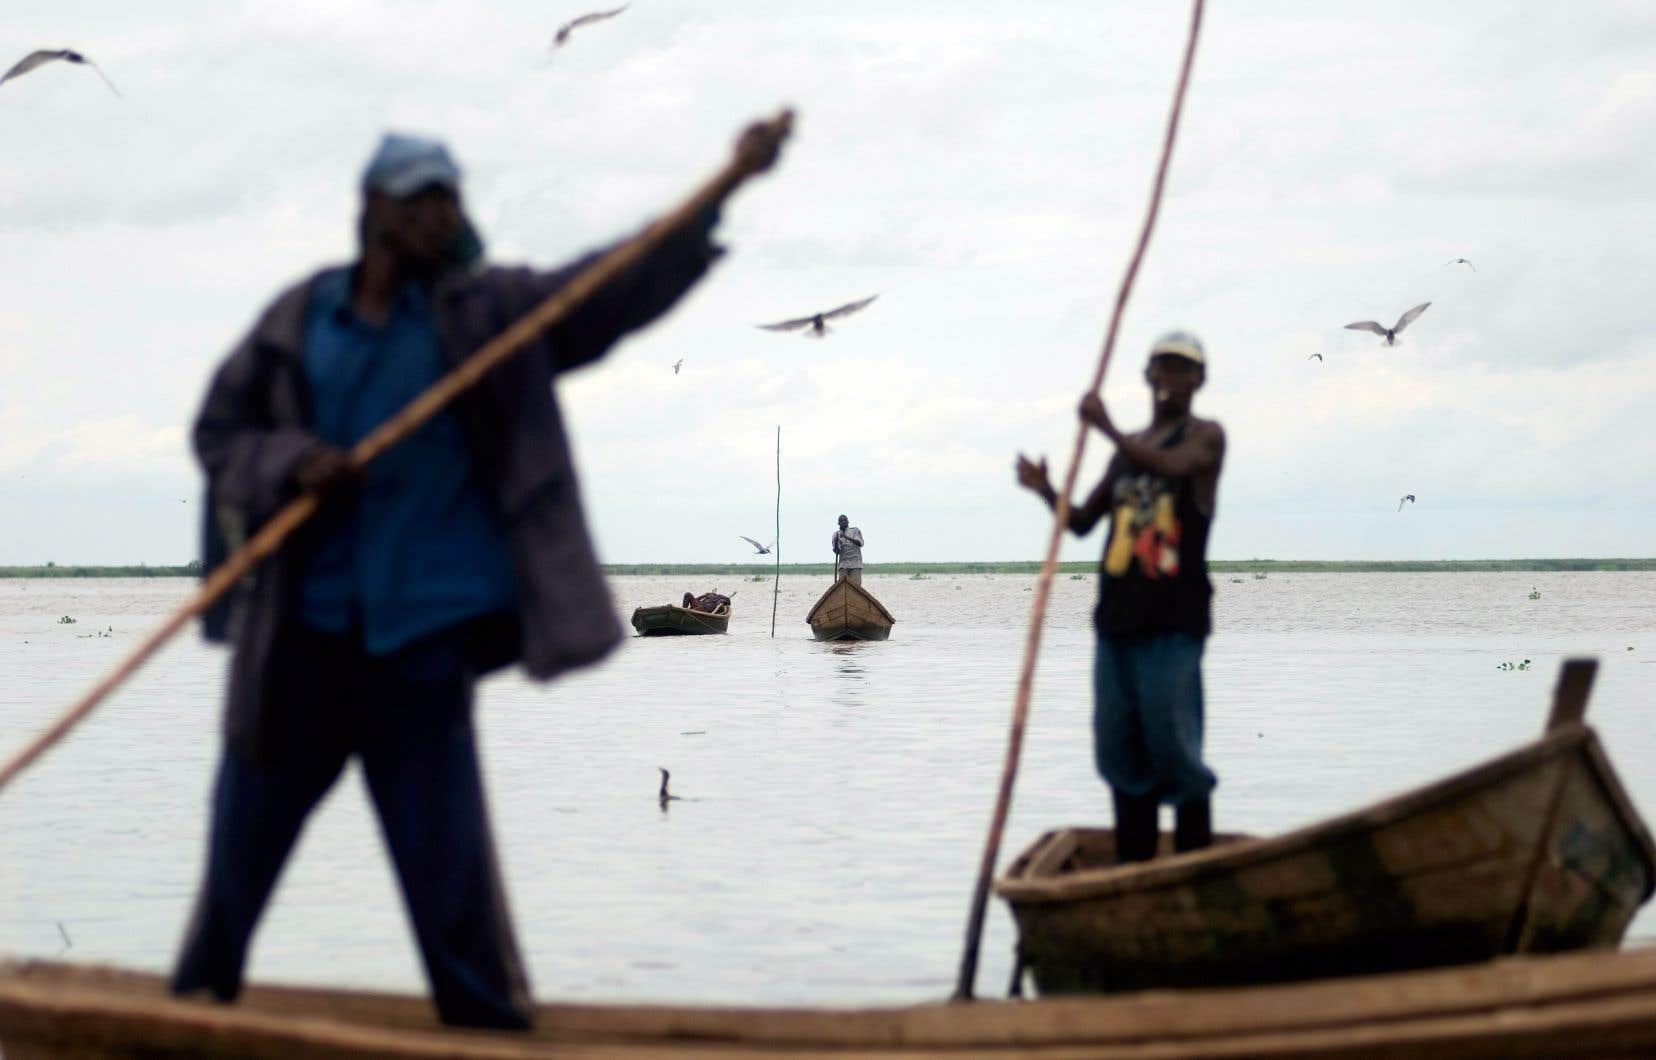 Les relations entre la RDC et l'Ouganda sont difficiles étant donné leur désaccord sur le partage des ressources énergétiques du lac Édouard, notamment. Ci-dessus, des pêcheurs sur le lac Albert, lui aussi à cheval sur la frontière.